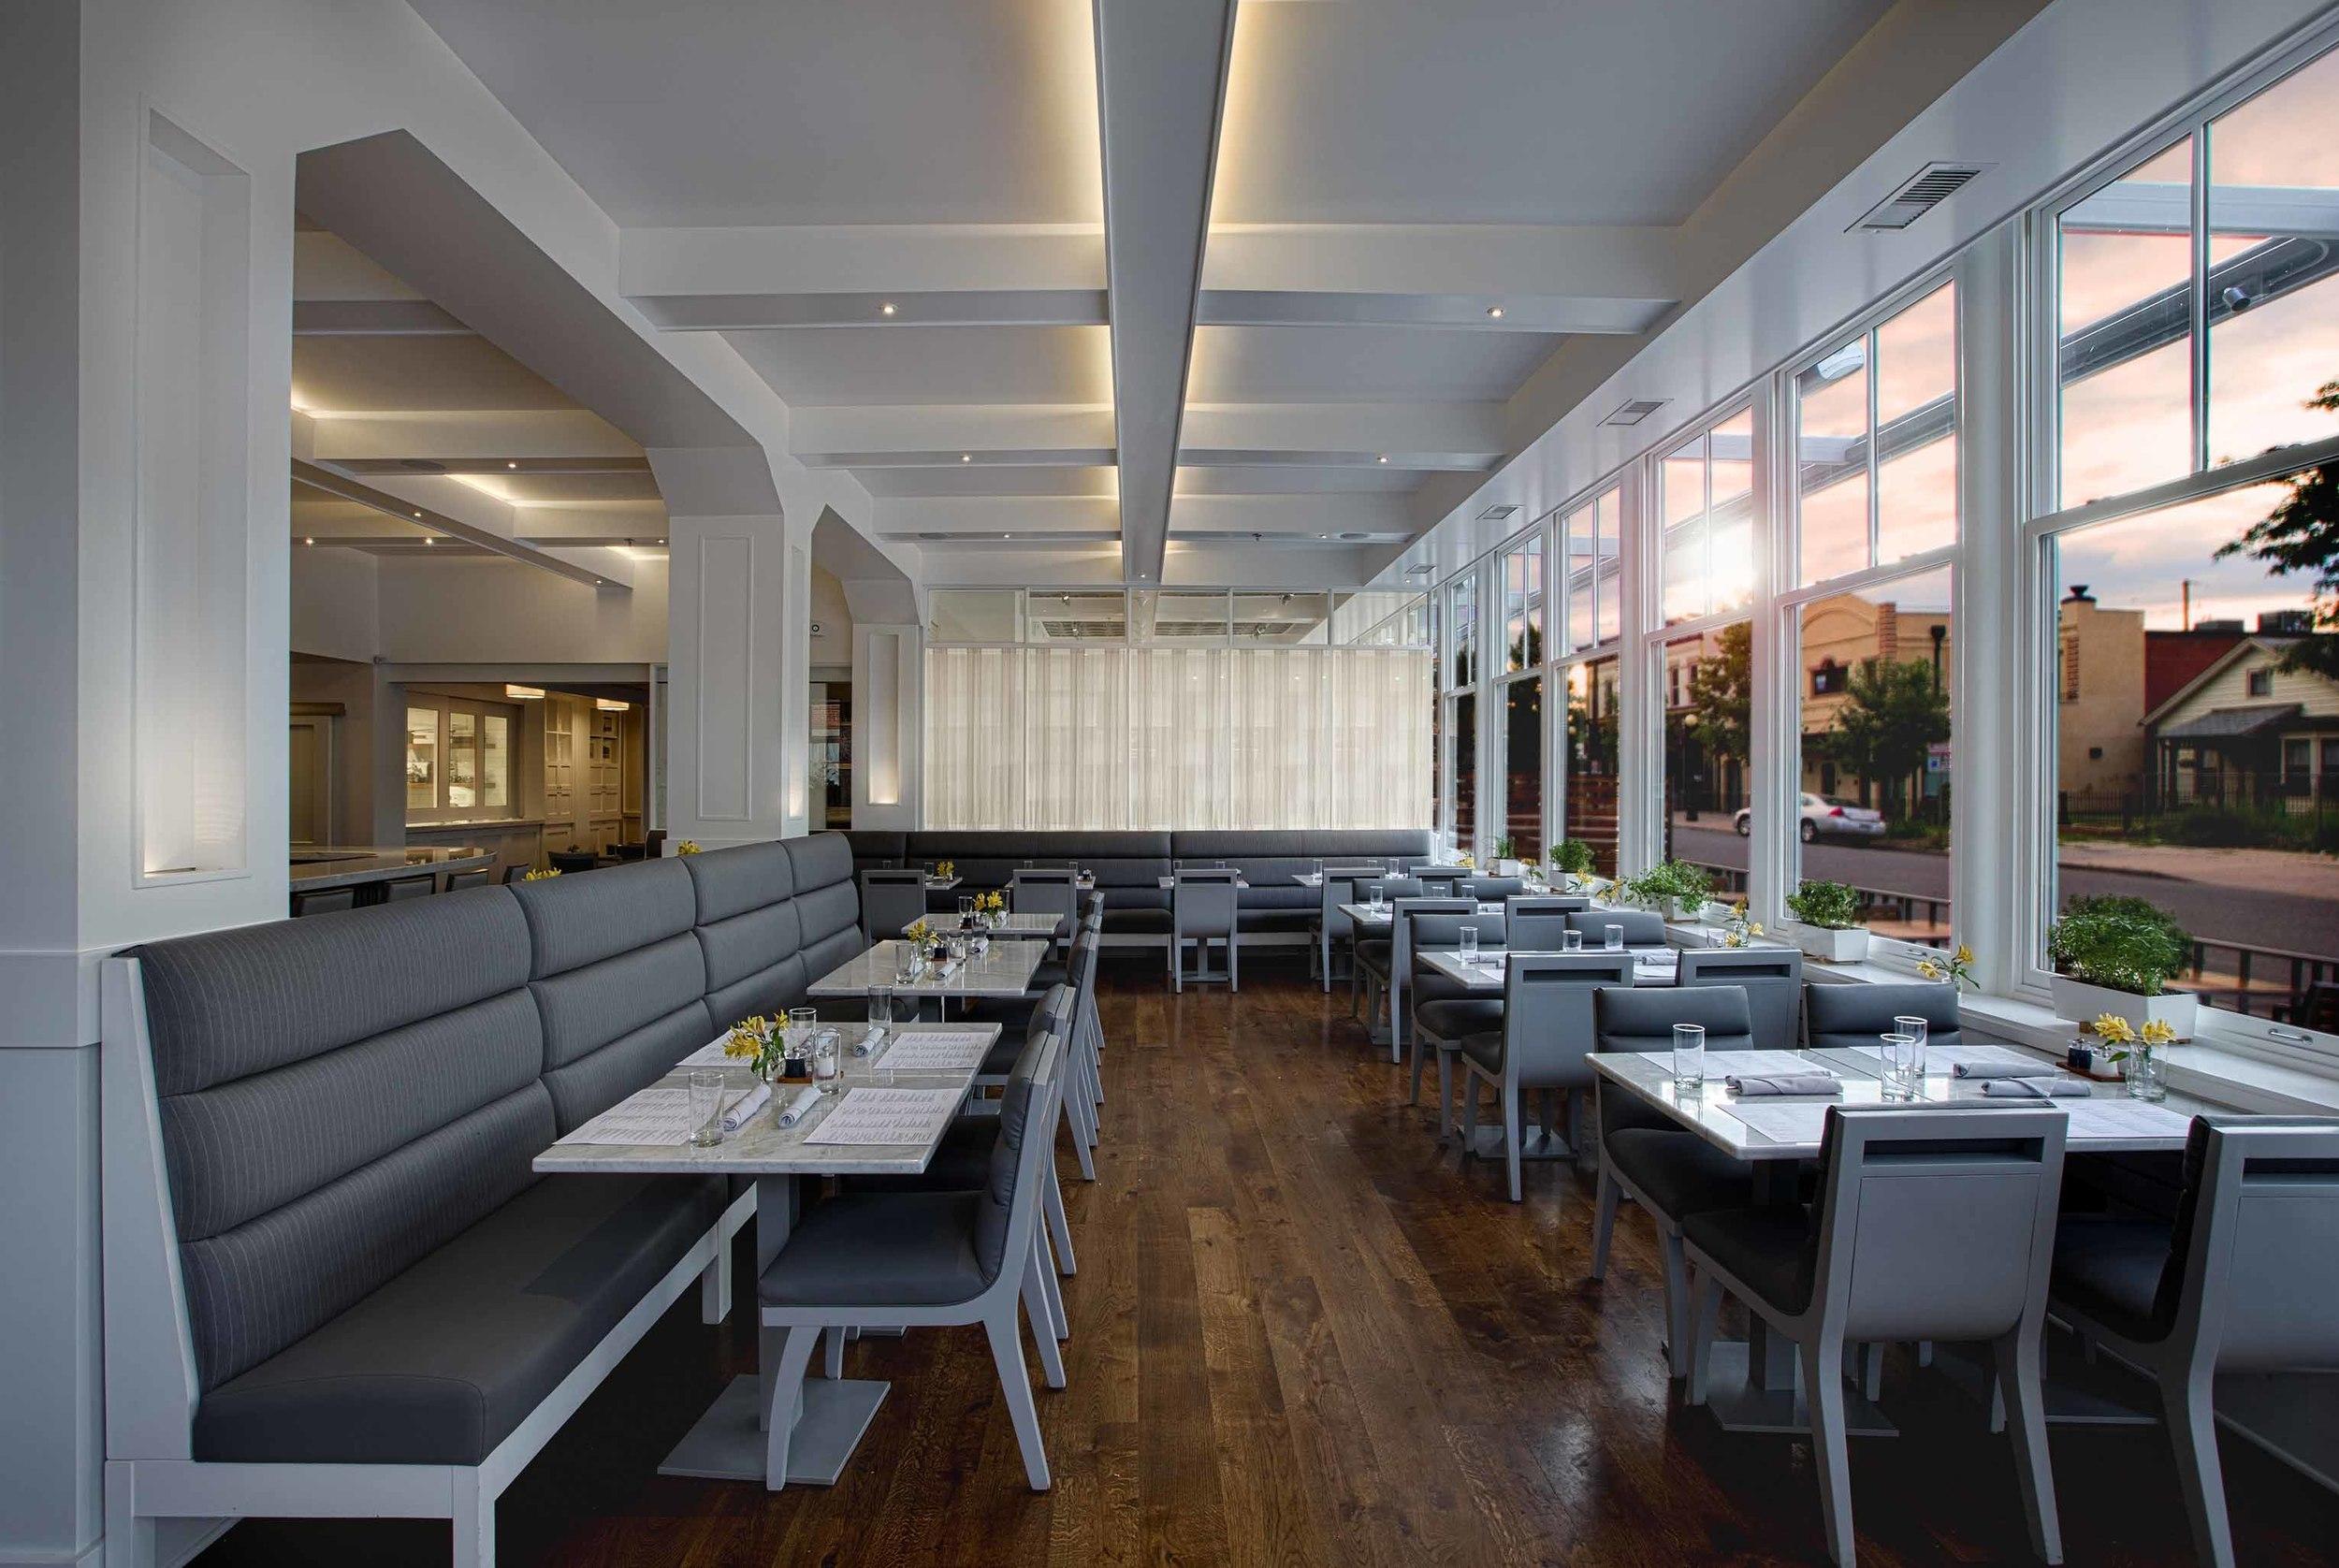 33672730_sartos_restaurant_dining_room.jpg